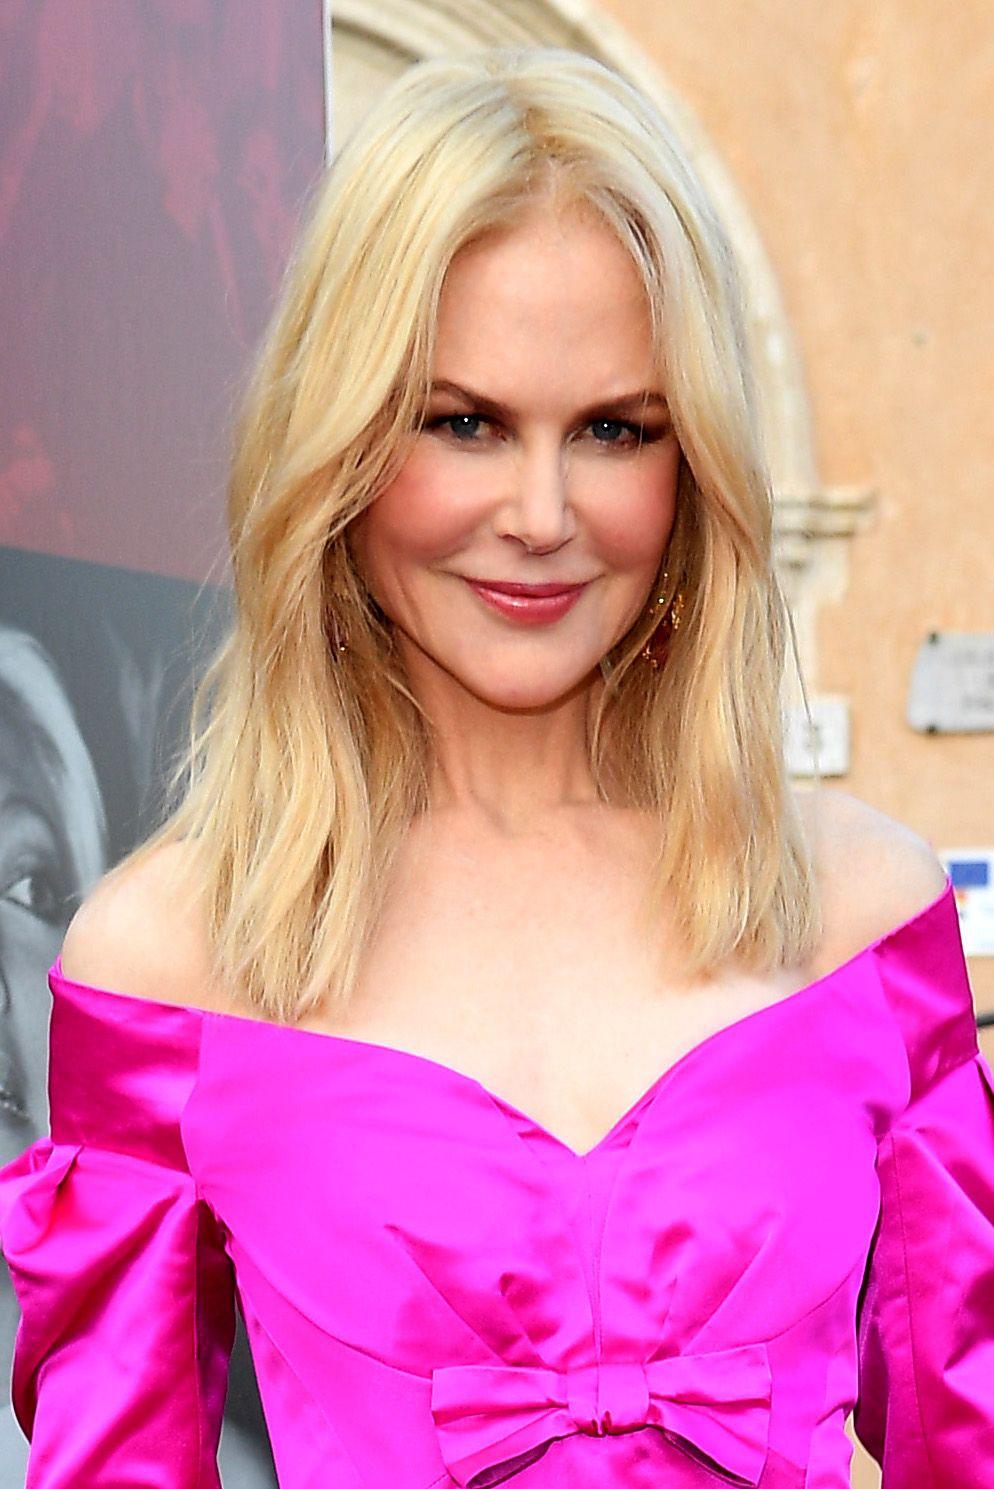 Nicole Kidman Just Got Her First Ever Dog